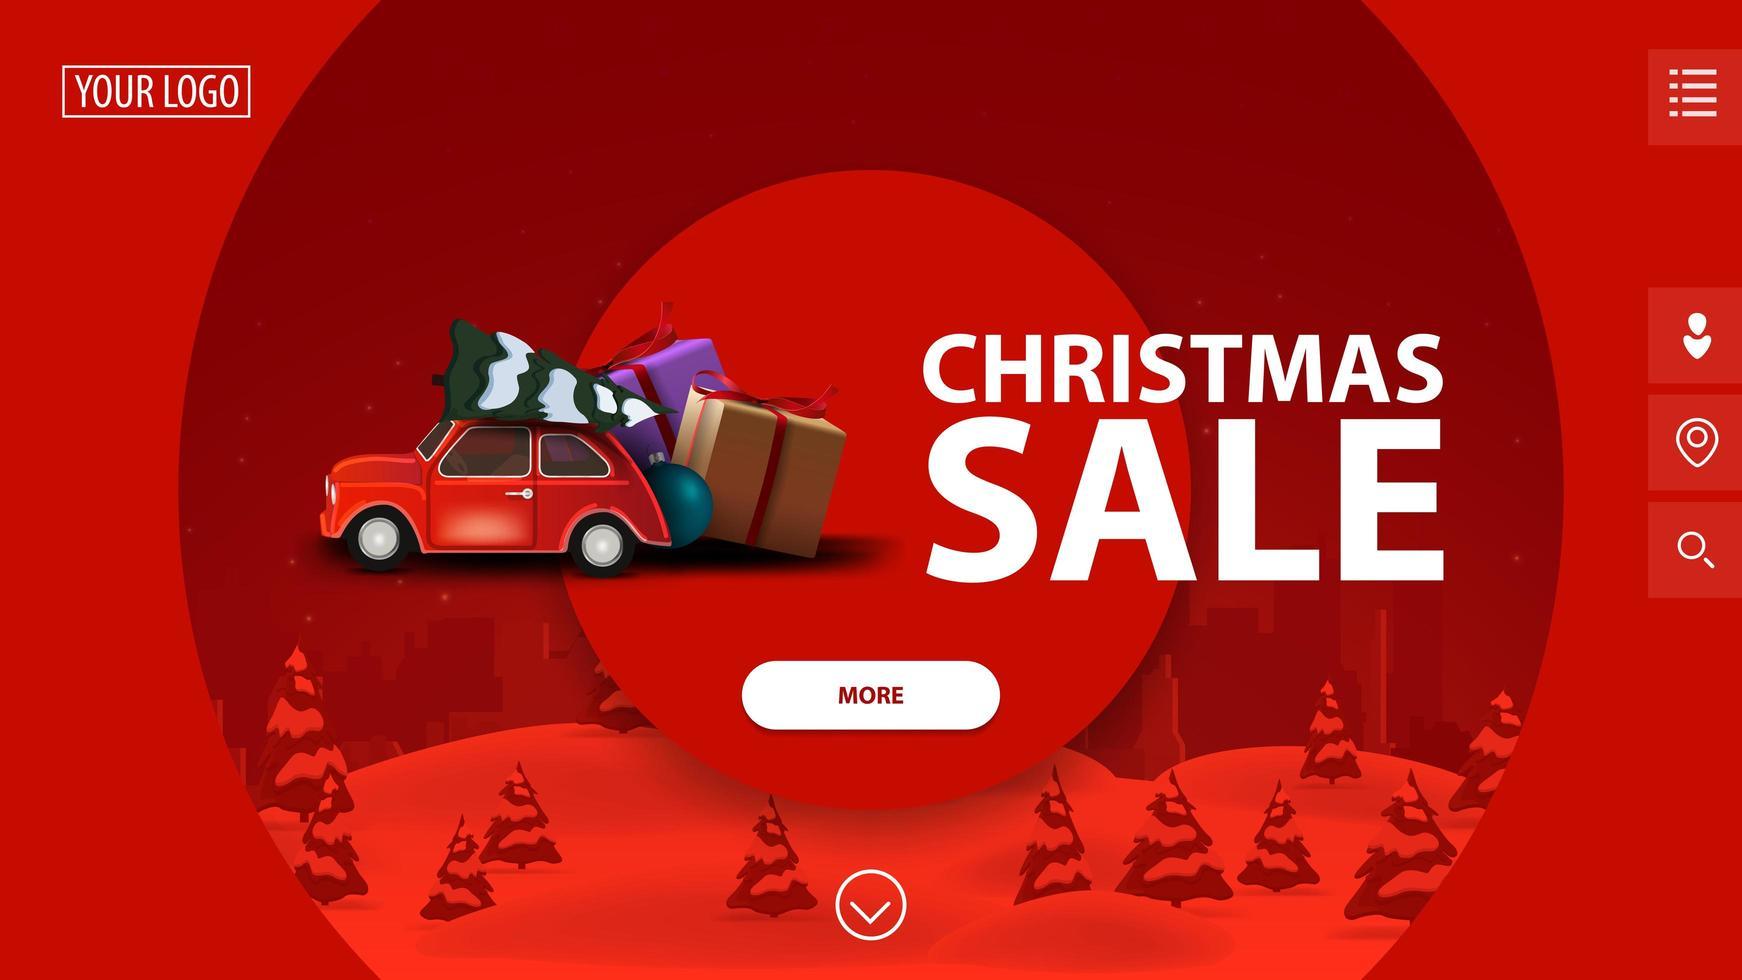 julförsäljning, vacker röd modern rabattbanner med stora dekorativa cirklar, vinterlandskap på bakgrund och röd veteranbil som bär julgran vektor